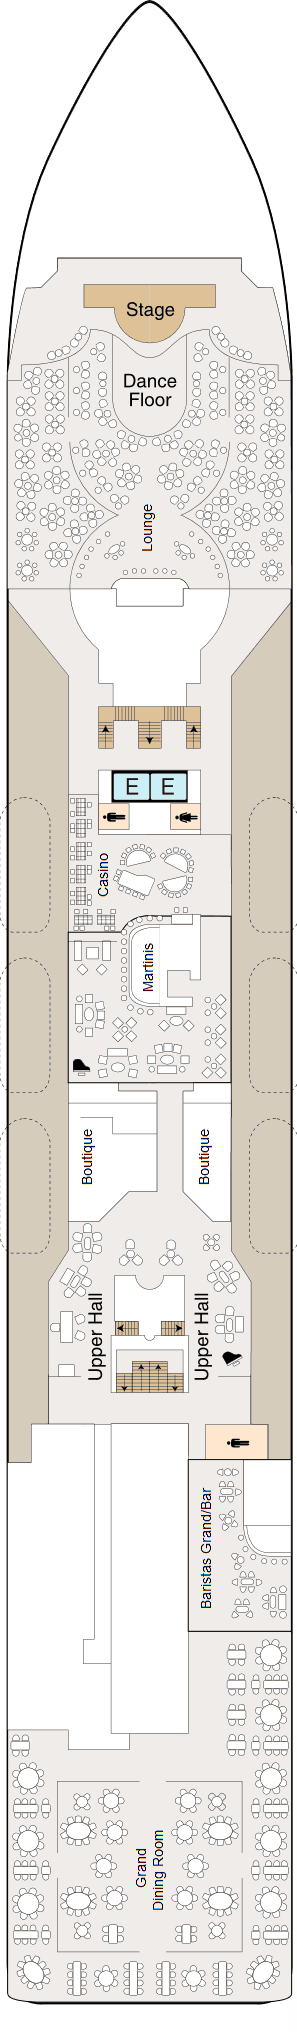 MS Regatta - Deck 5